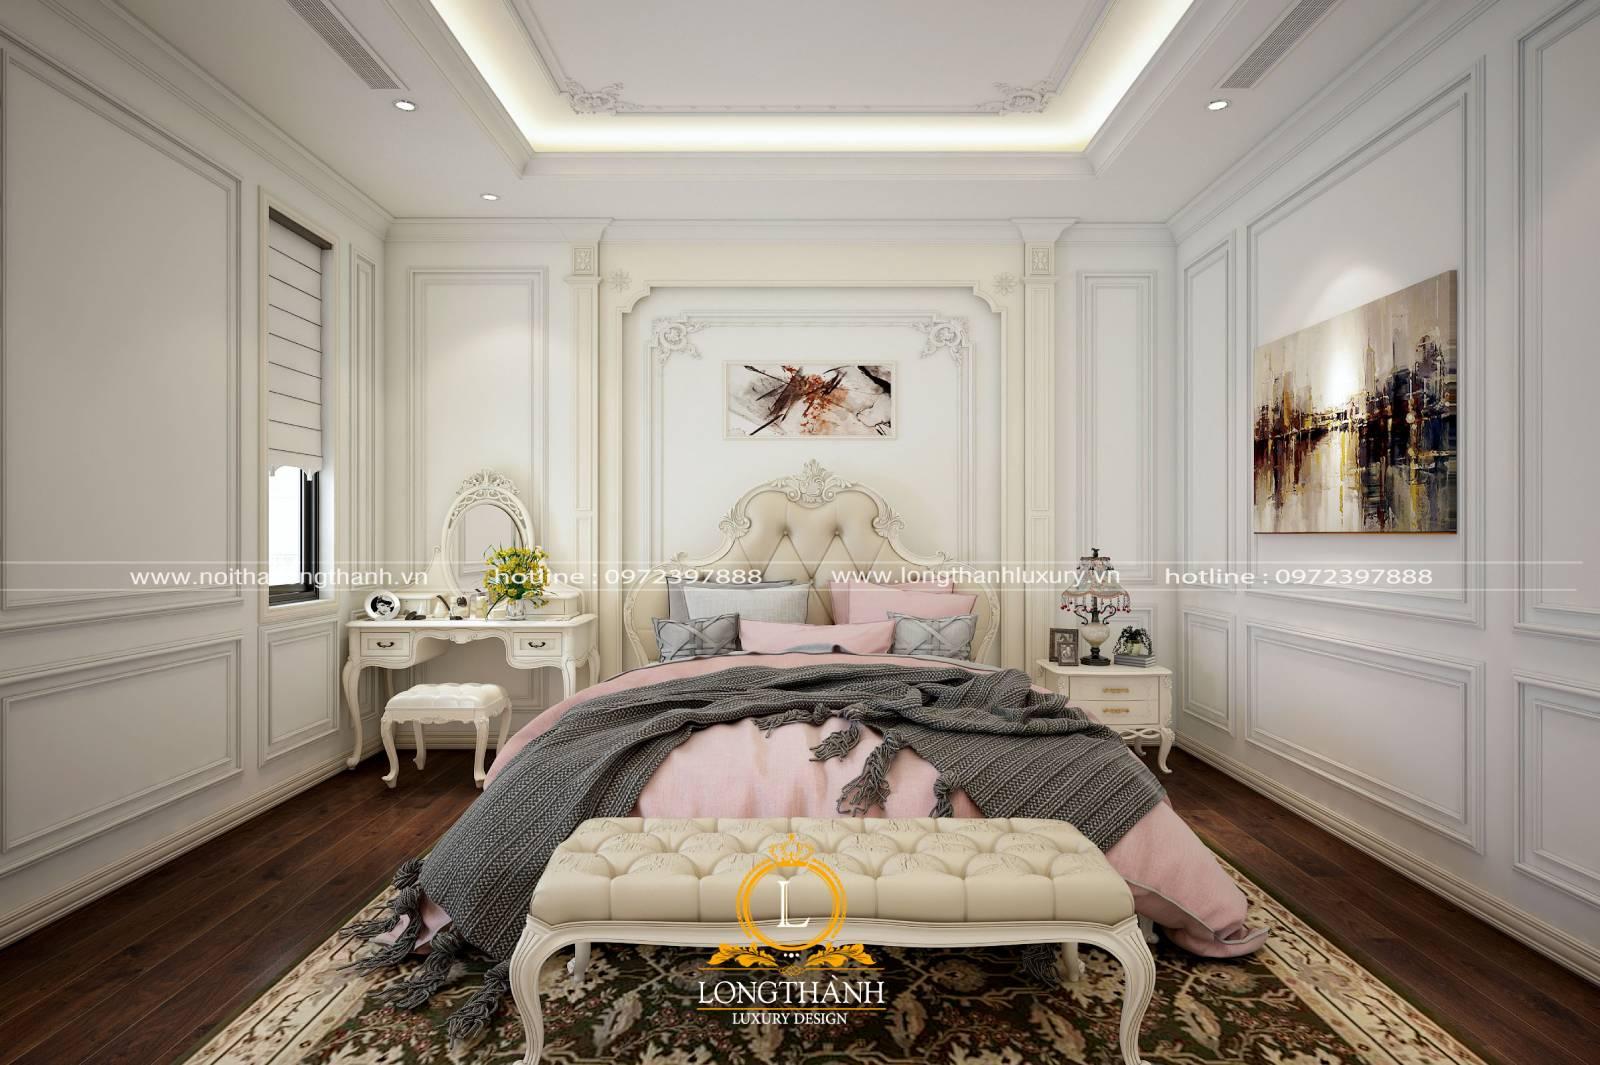 Mẫu phòng ngủ master tân cổ điển dành cho nữ nhẹ nhàng tinh tế